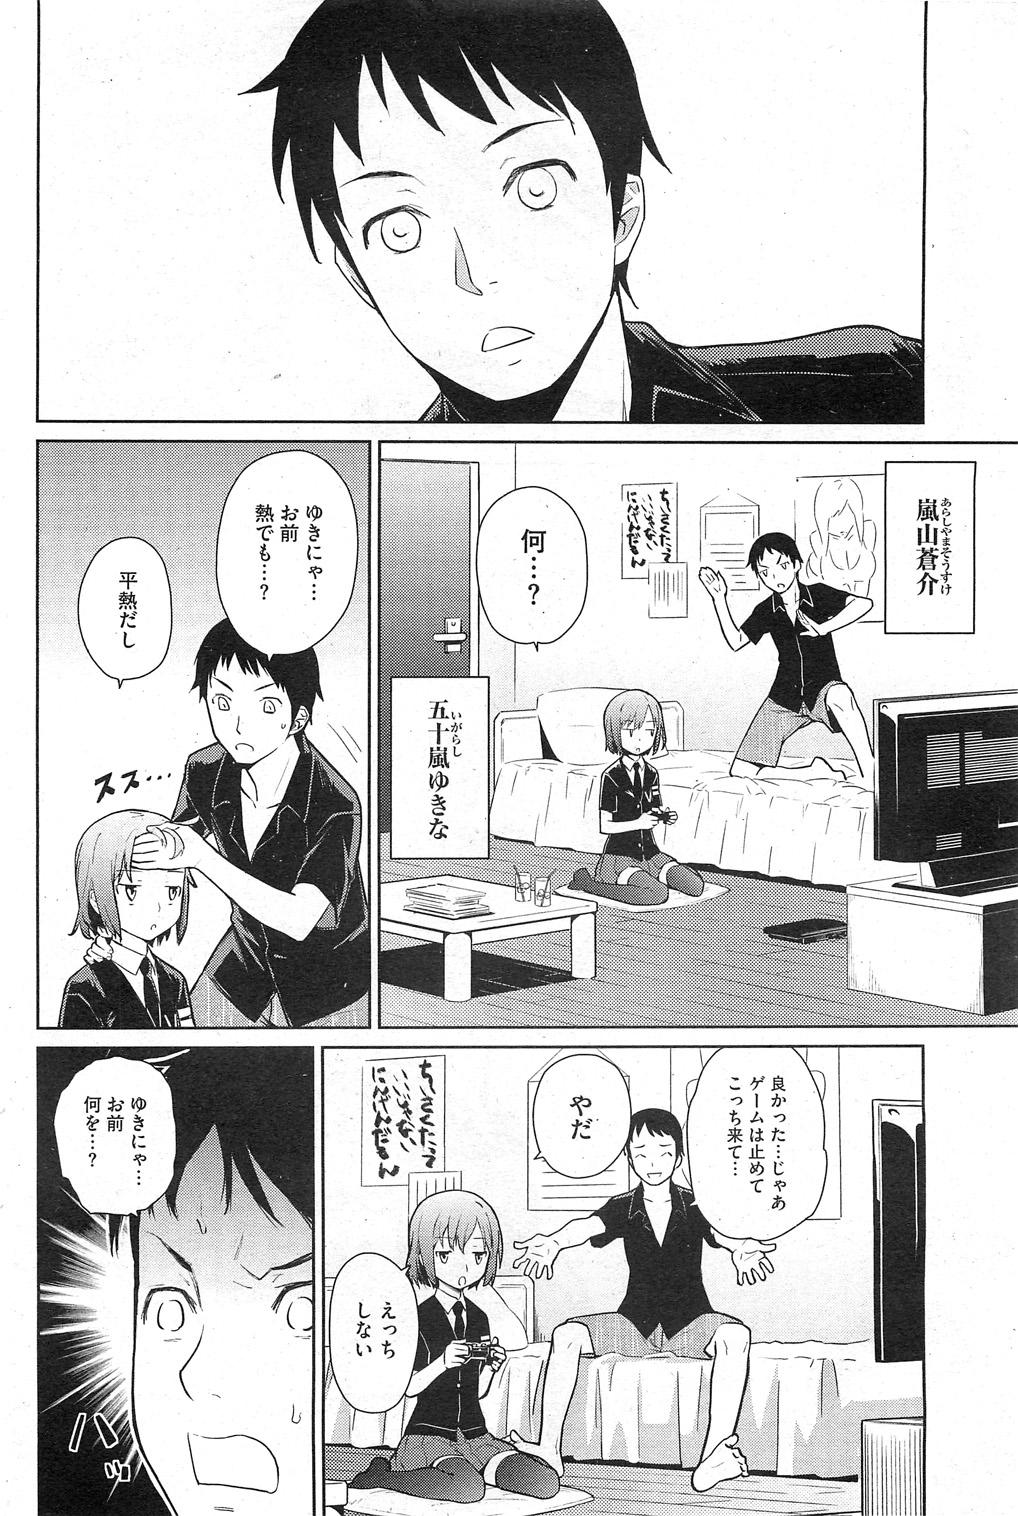 Yukinya #1-4 1